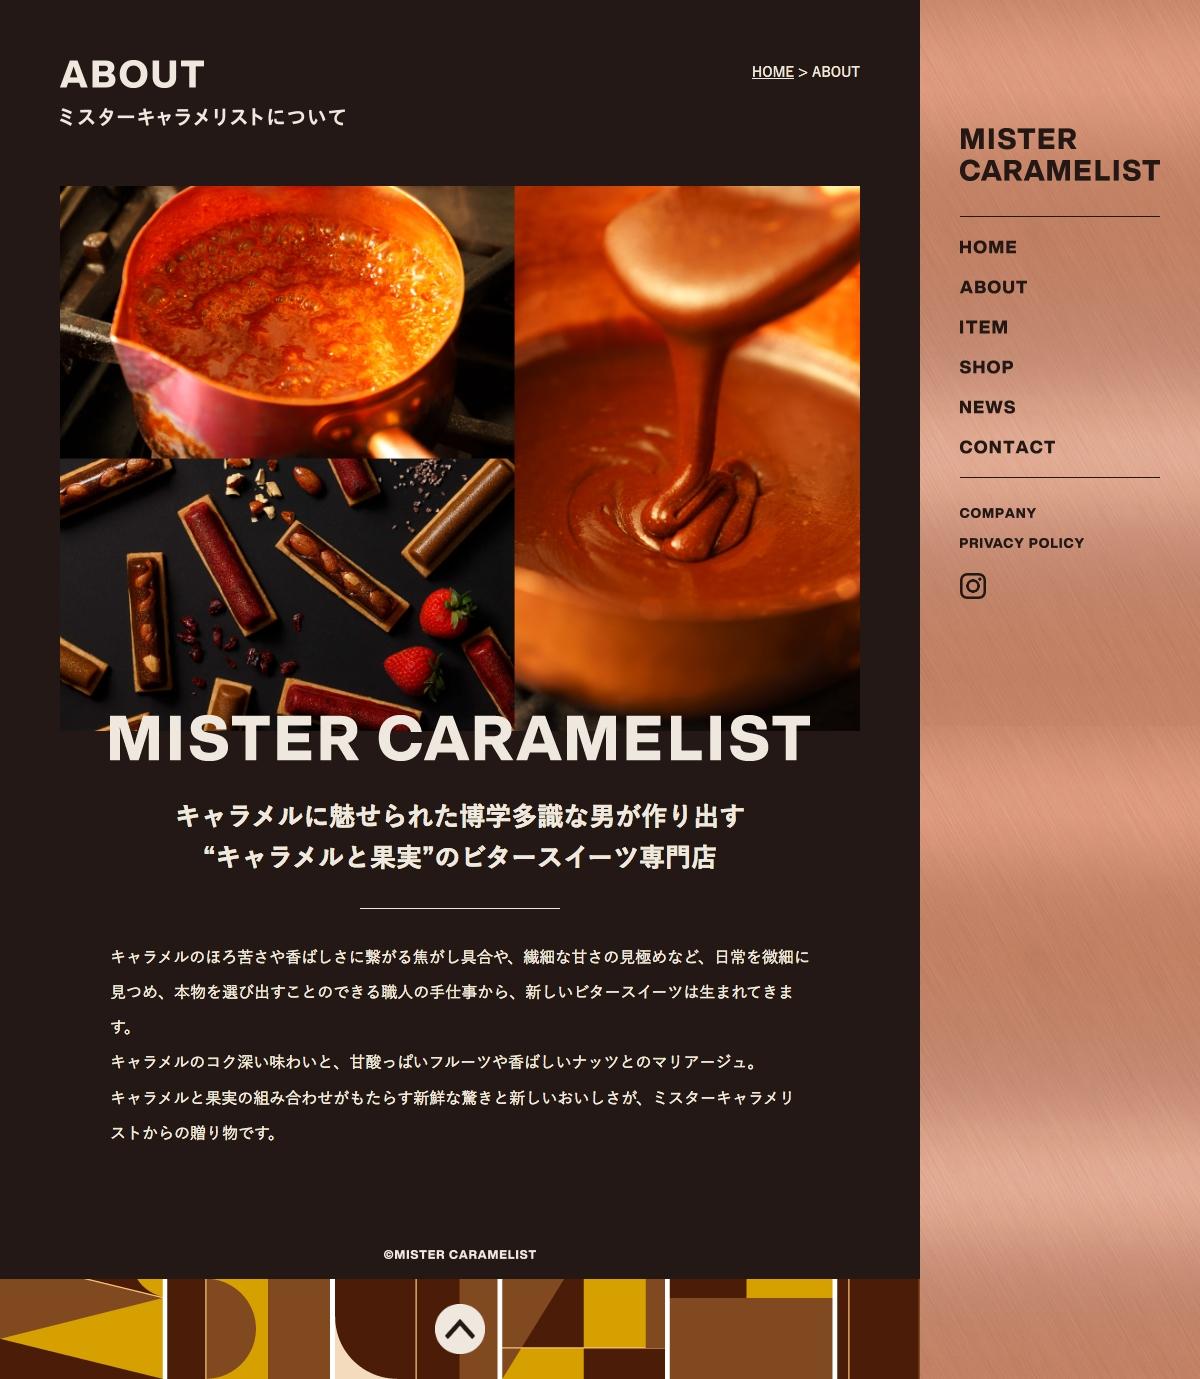 [写真]WEB MISTER CARAMELIST WEBサイト 2